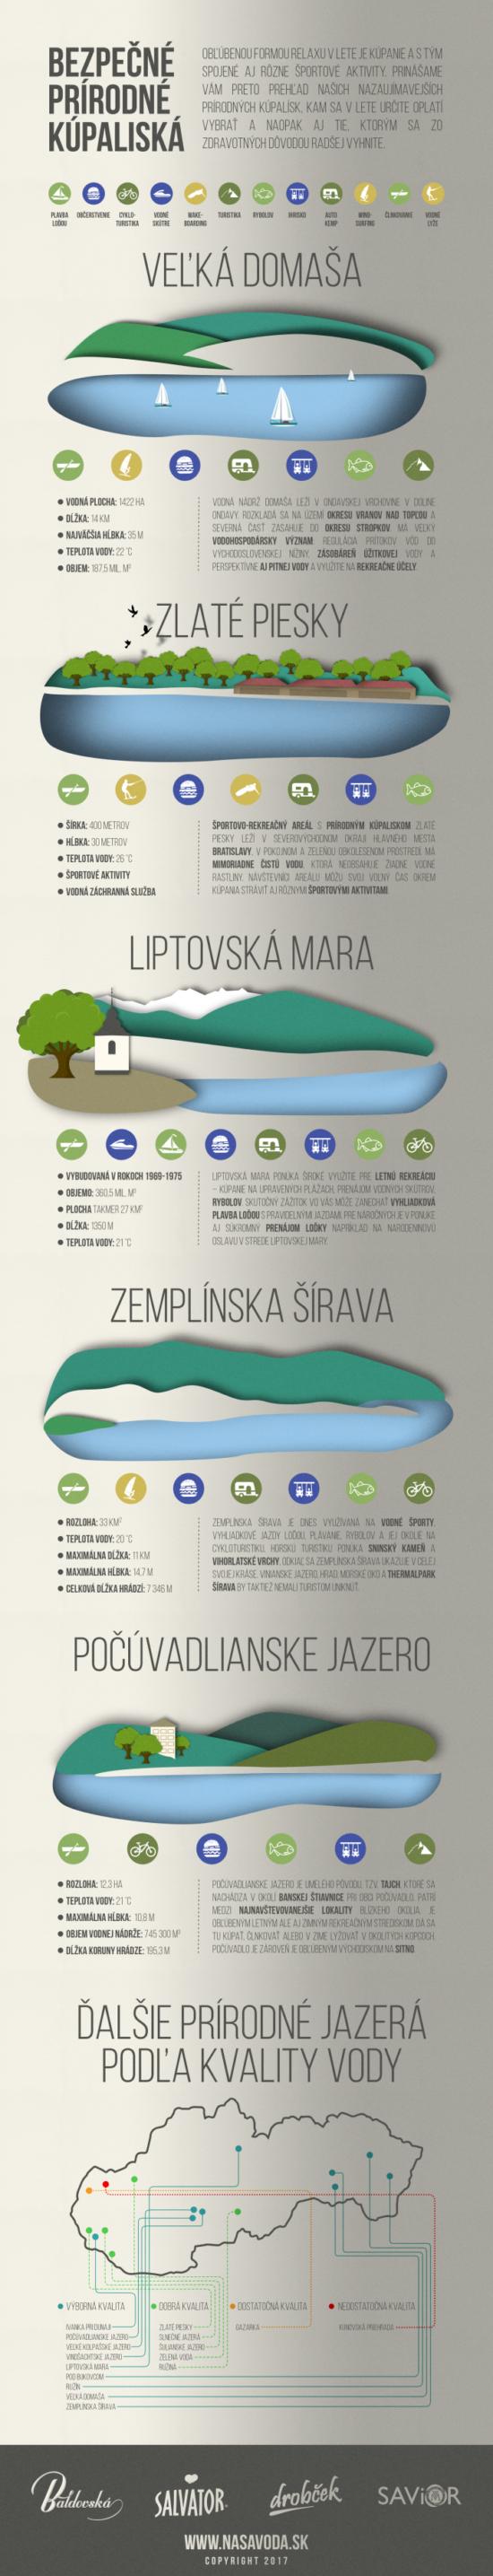 Bezpečná přírodní koupaliště na Slovensku – Infografika